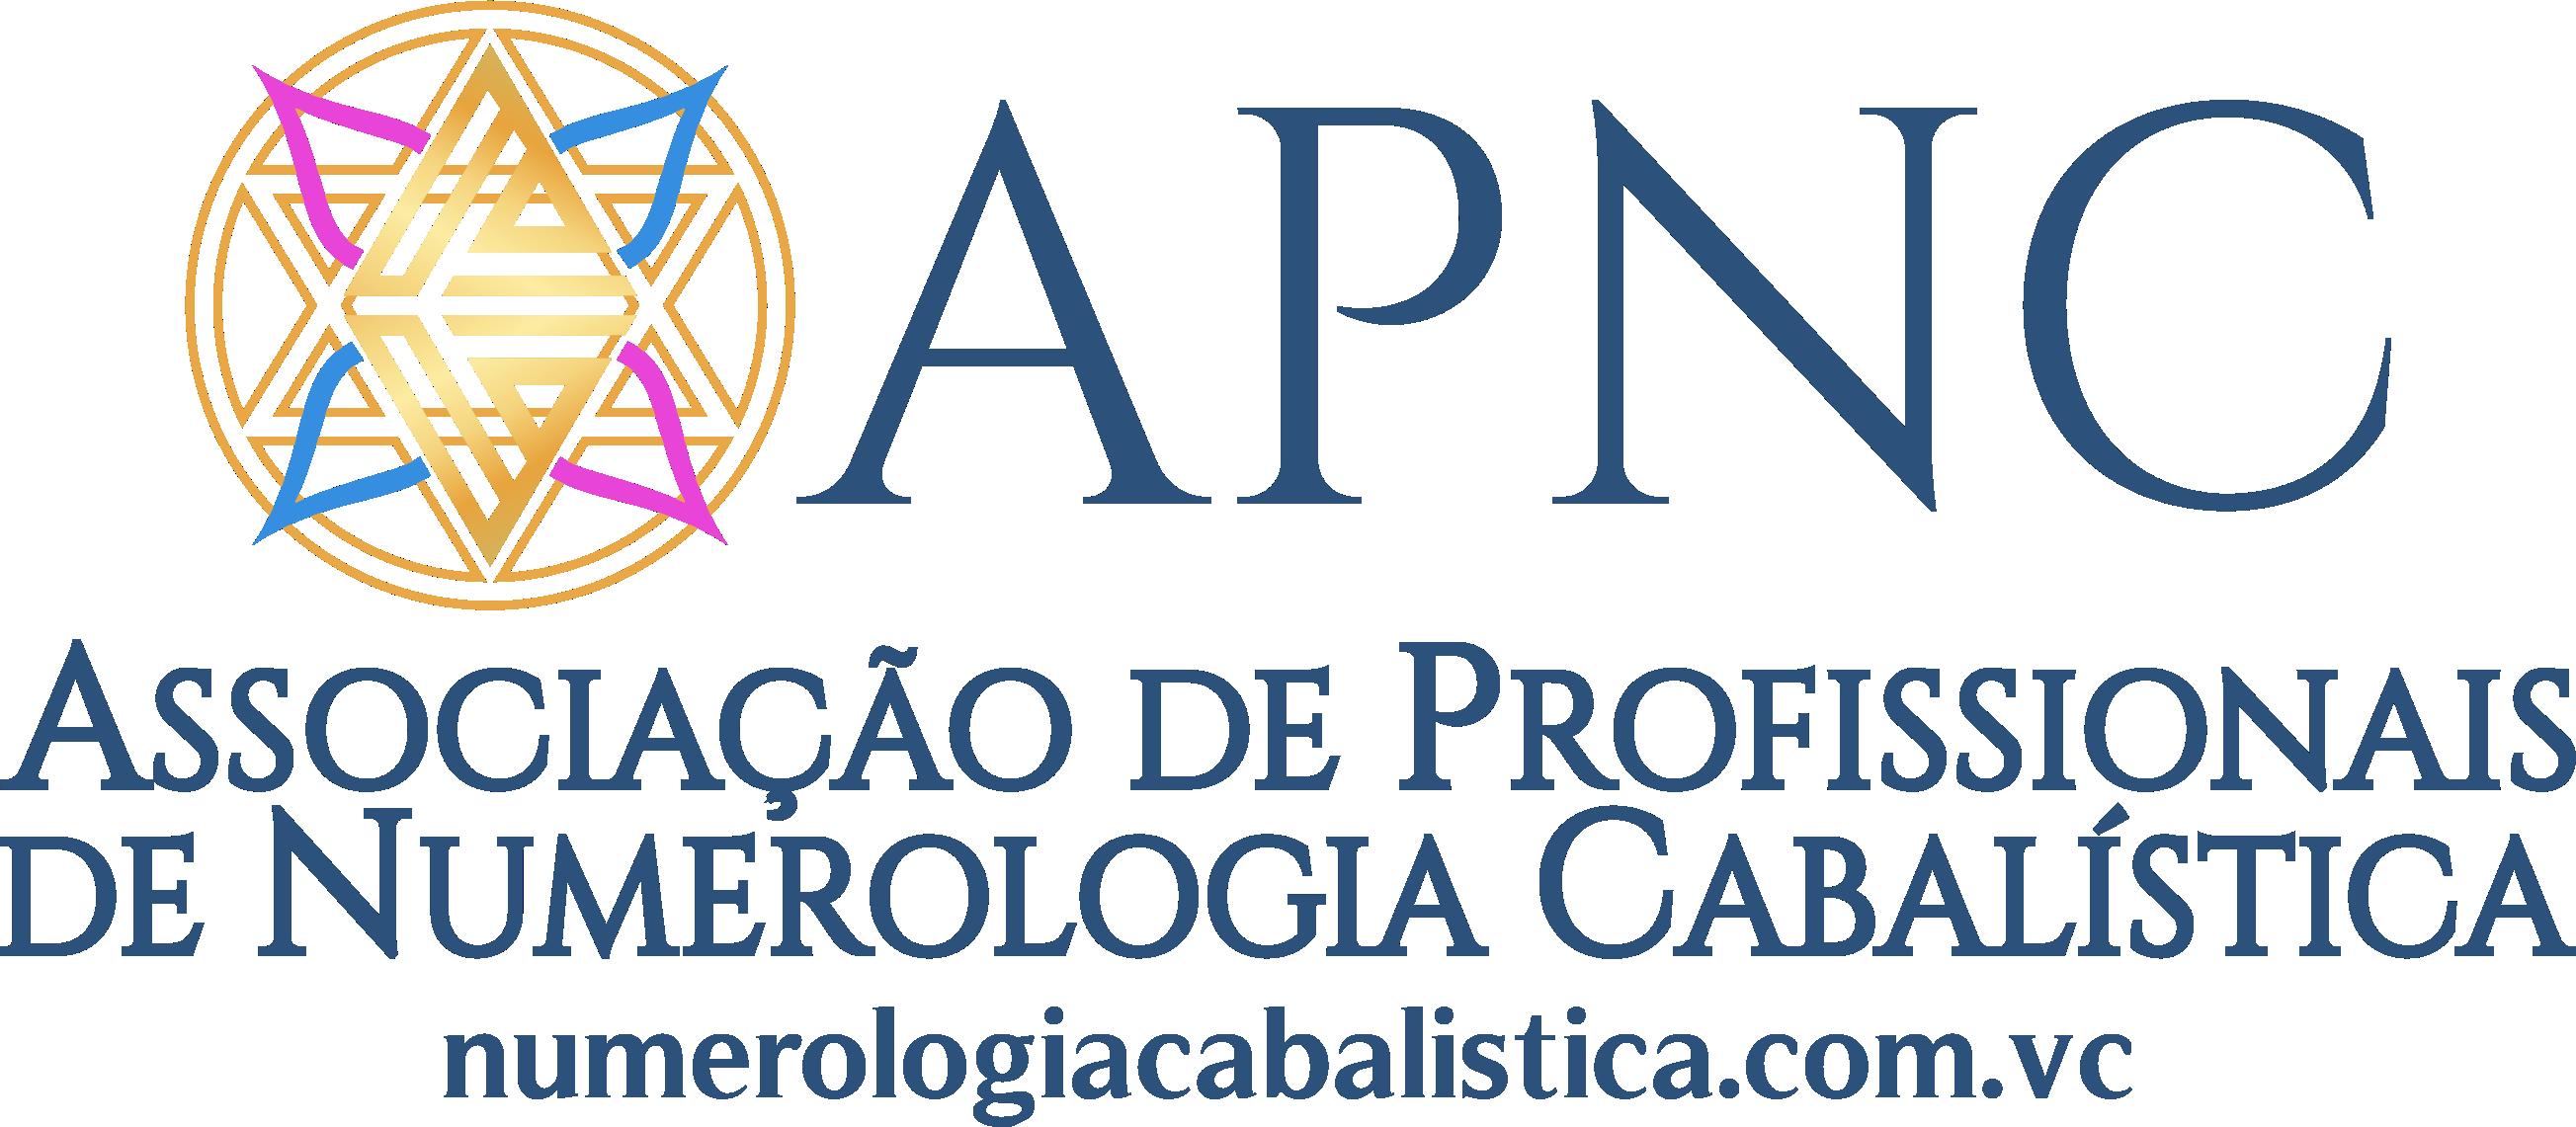 APNC-Associação de Profissionais de Numerologia Cabalística